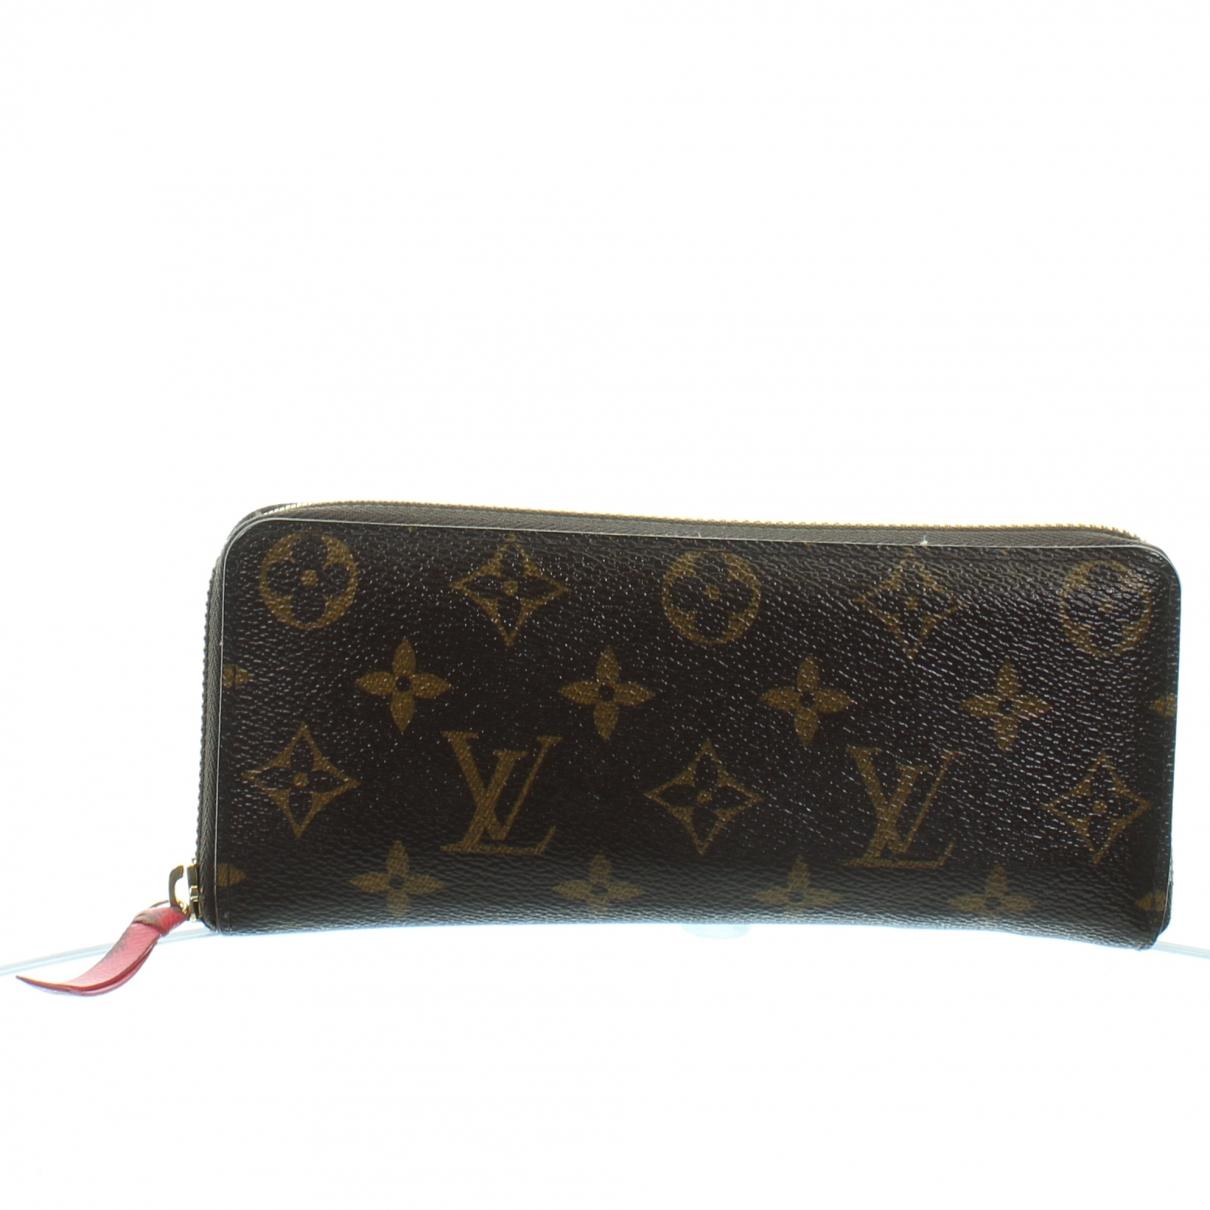 Louis Vuitton - Portefeuille   pour femme en autre - marron